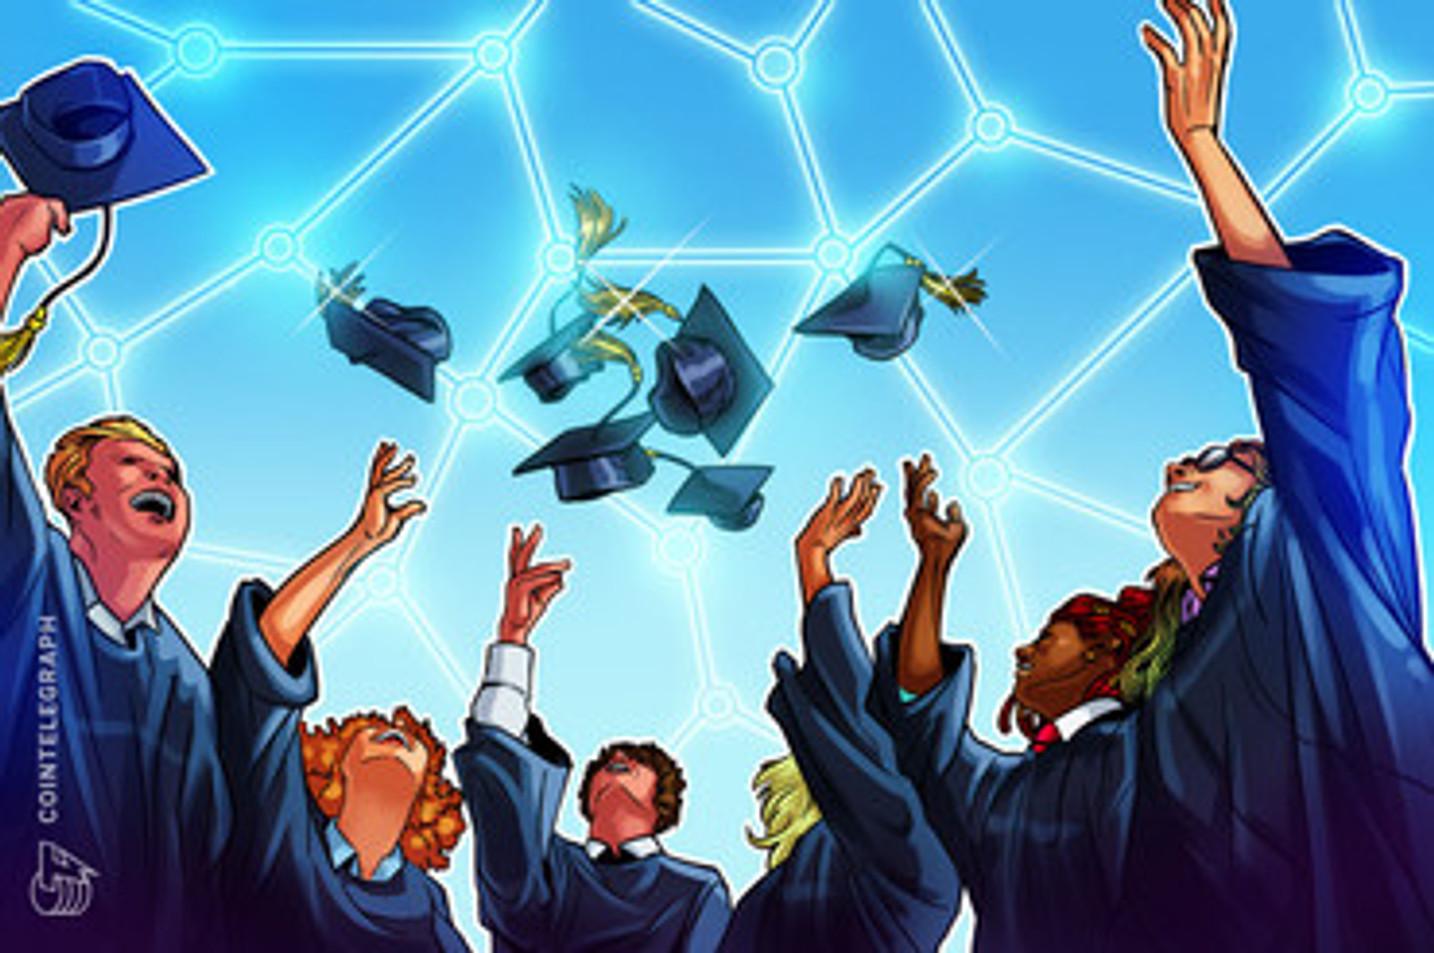 SKT 공채 합격자, 블록체인 '이니셜'로 졸업증명 제출